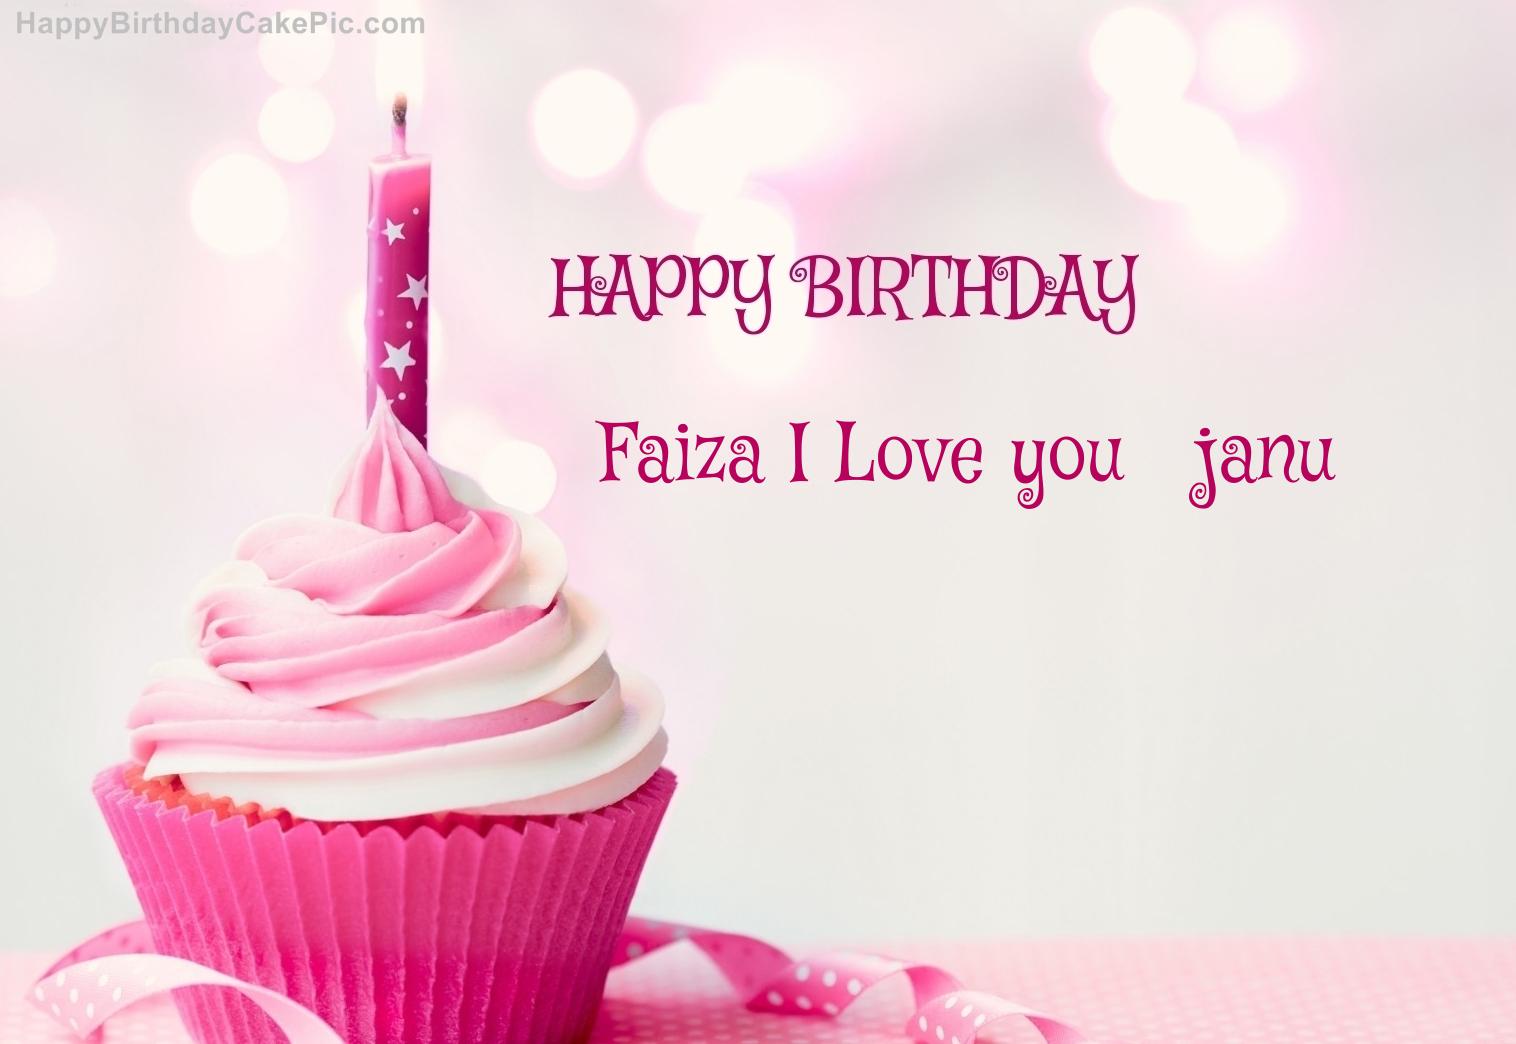 Birthday Cake Janu Pic Naturallycurlye Com